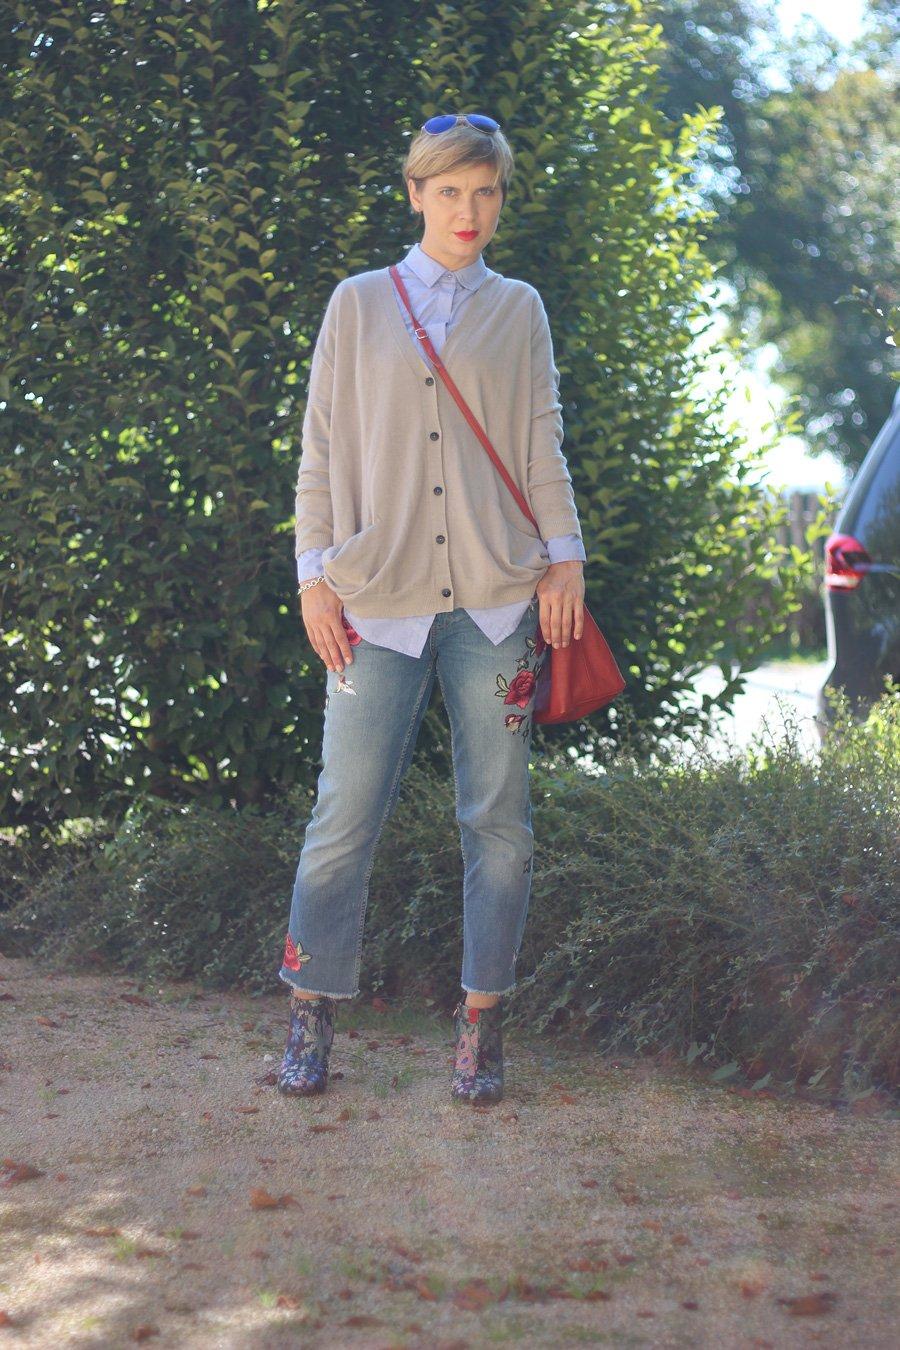 Cardigan, neyo, Schurwolle, Jeans, Zara, Ankleboots, bestickt, casual, friday, herbstlook